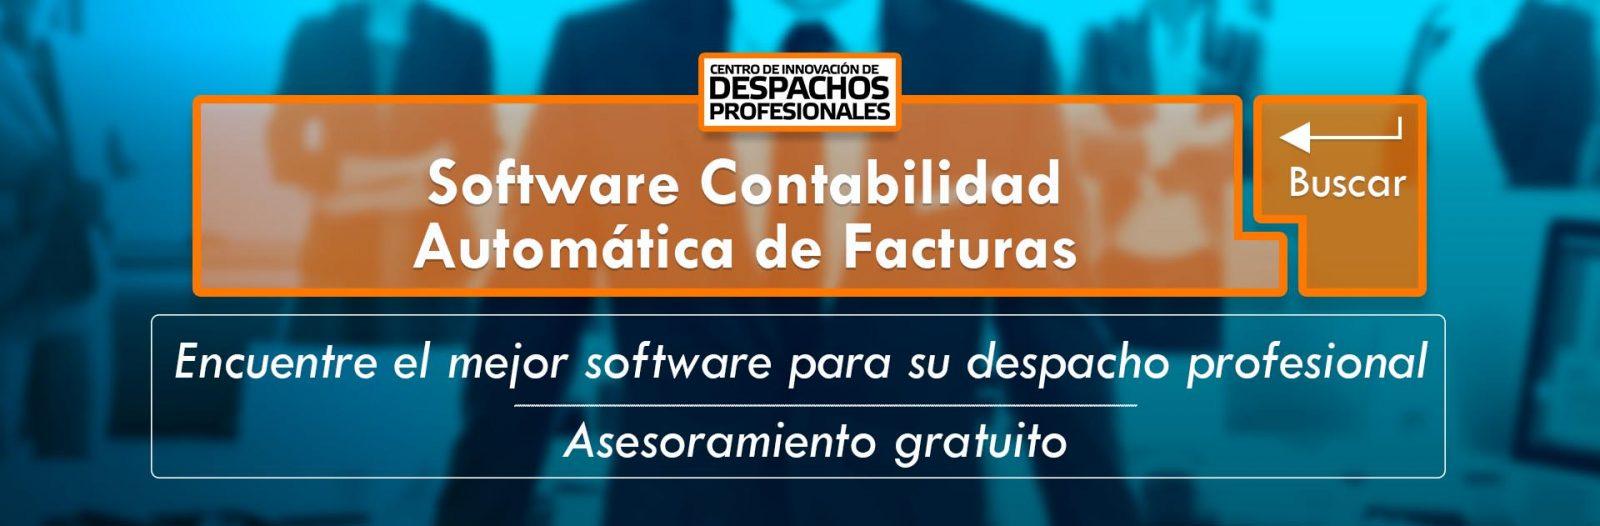 Software Contabilidad Automática de Facturas